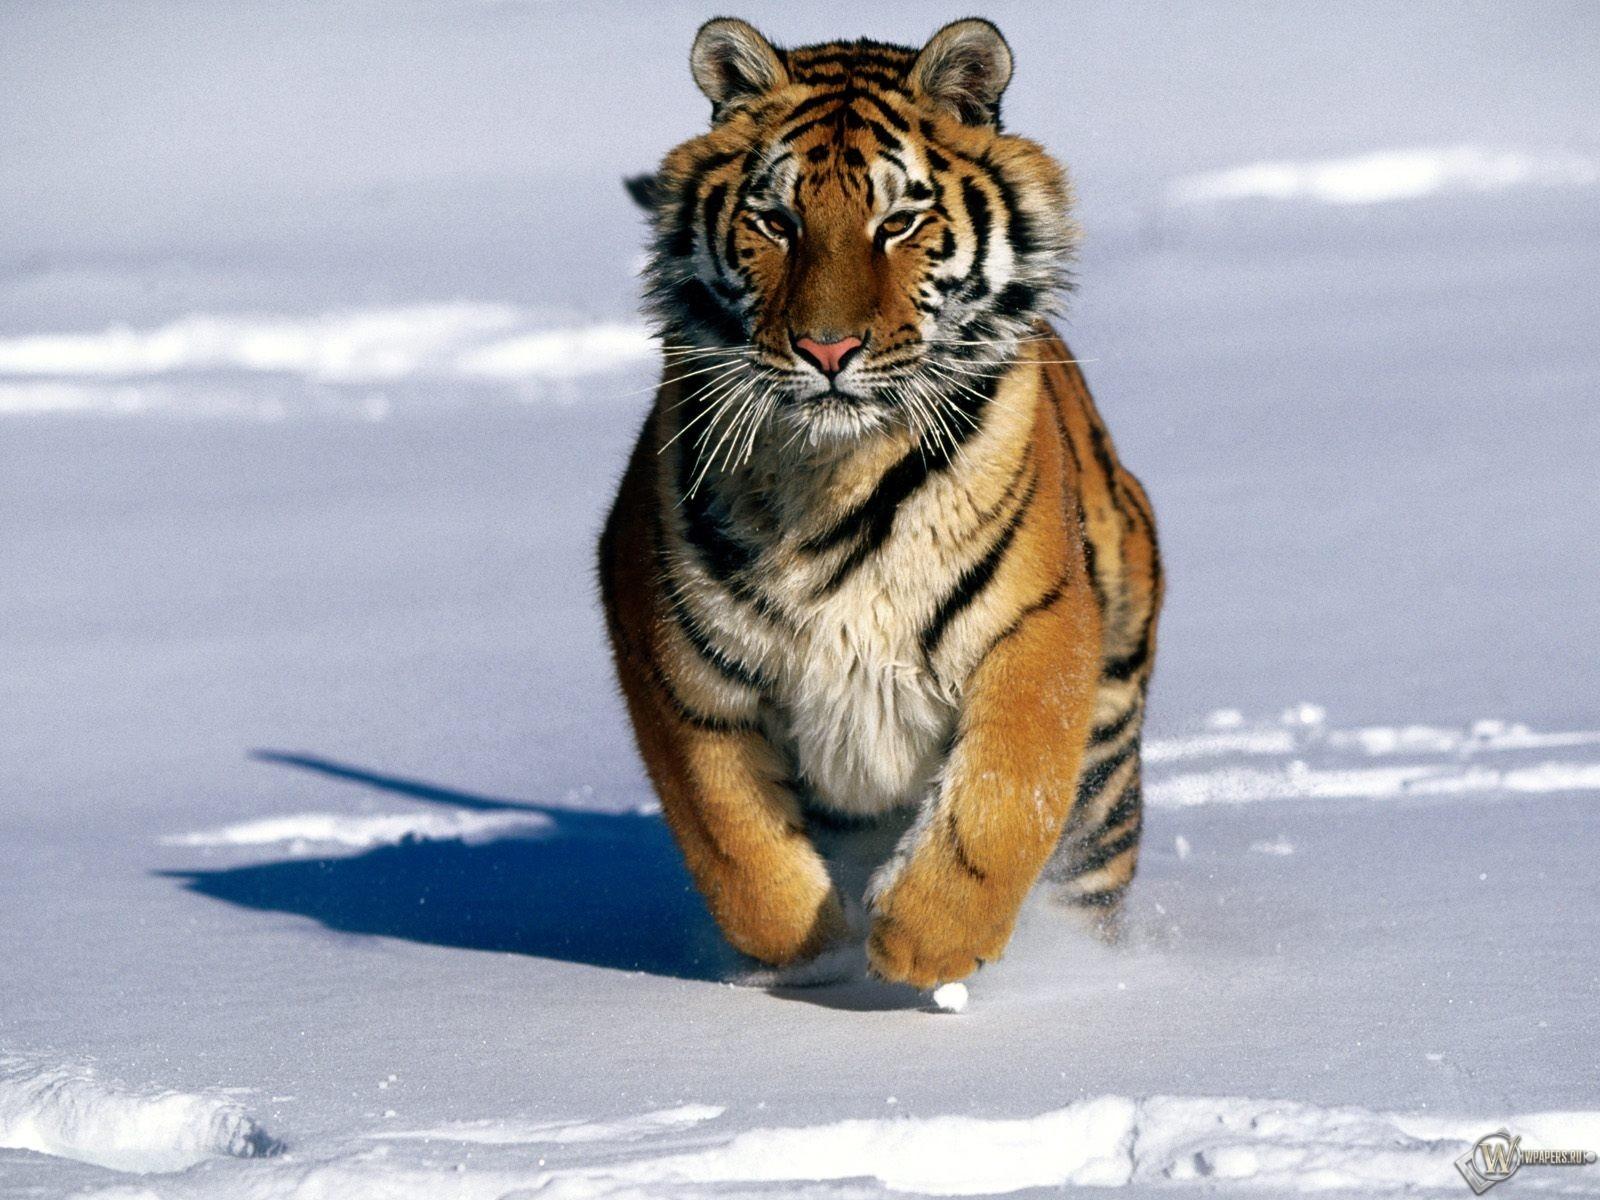 Тигр бегущий по снегу 1600x1200